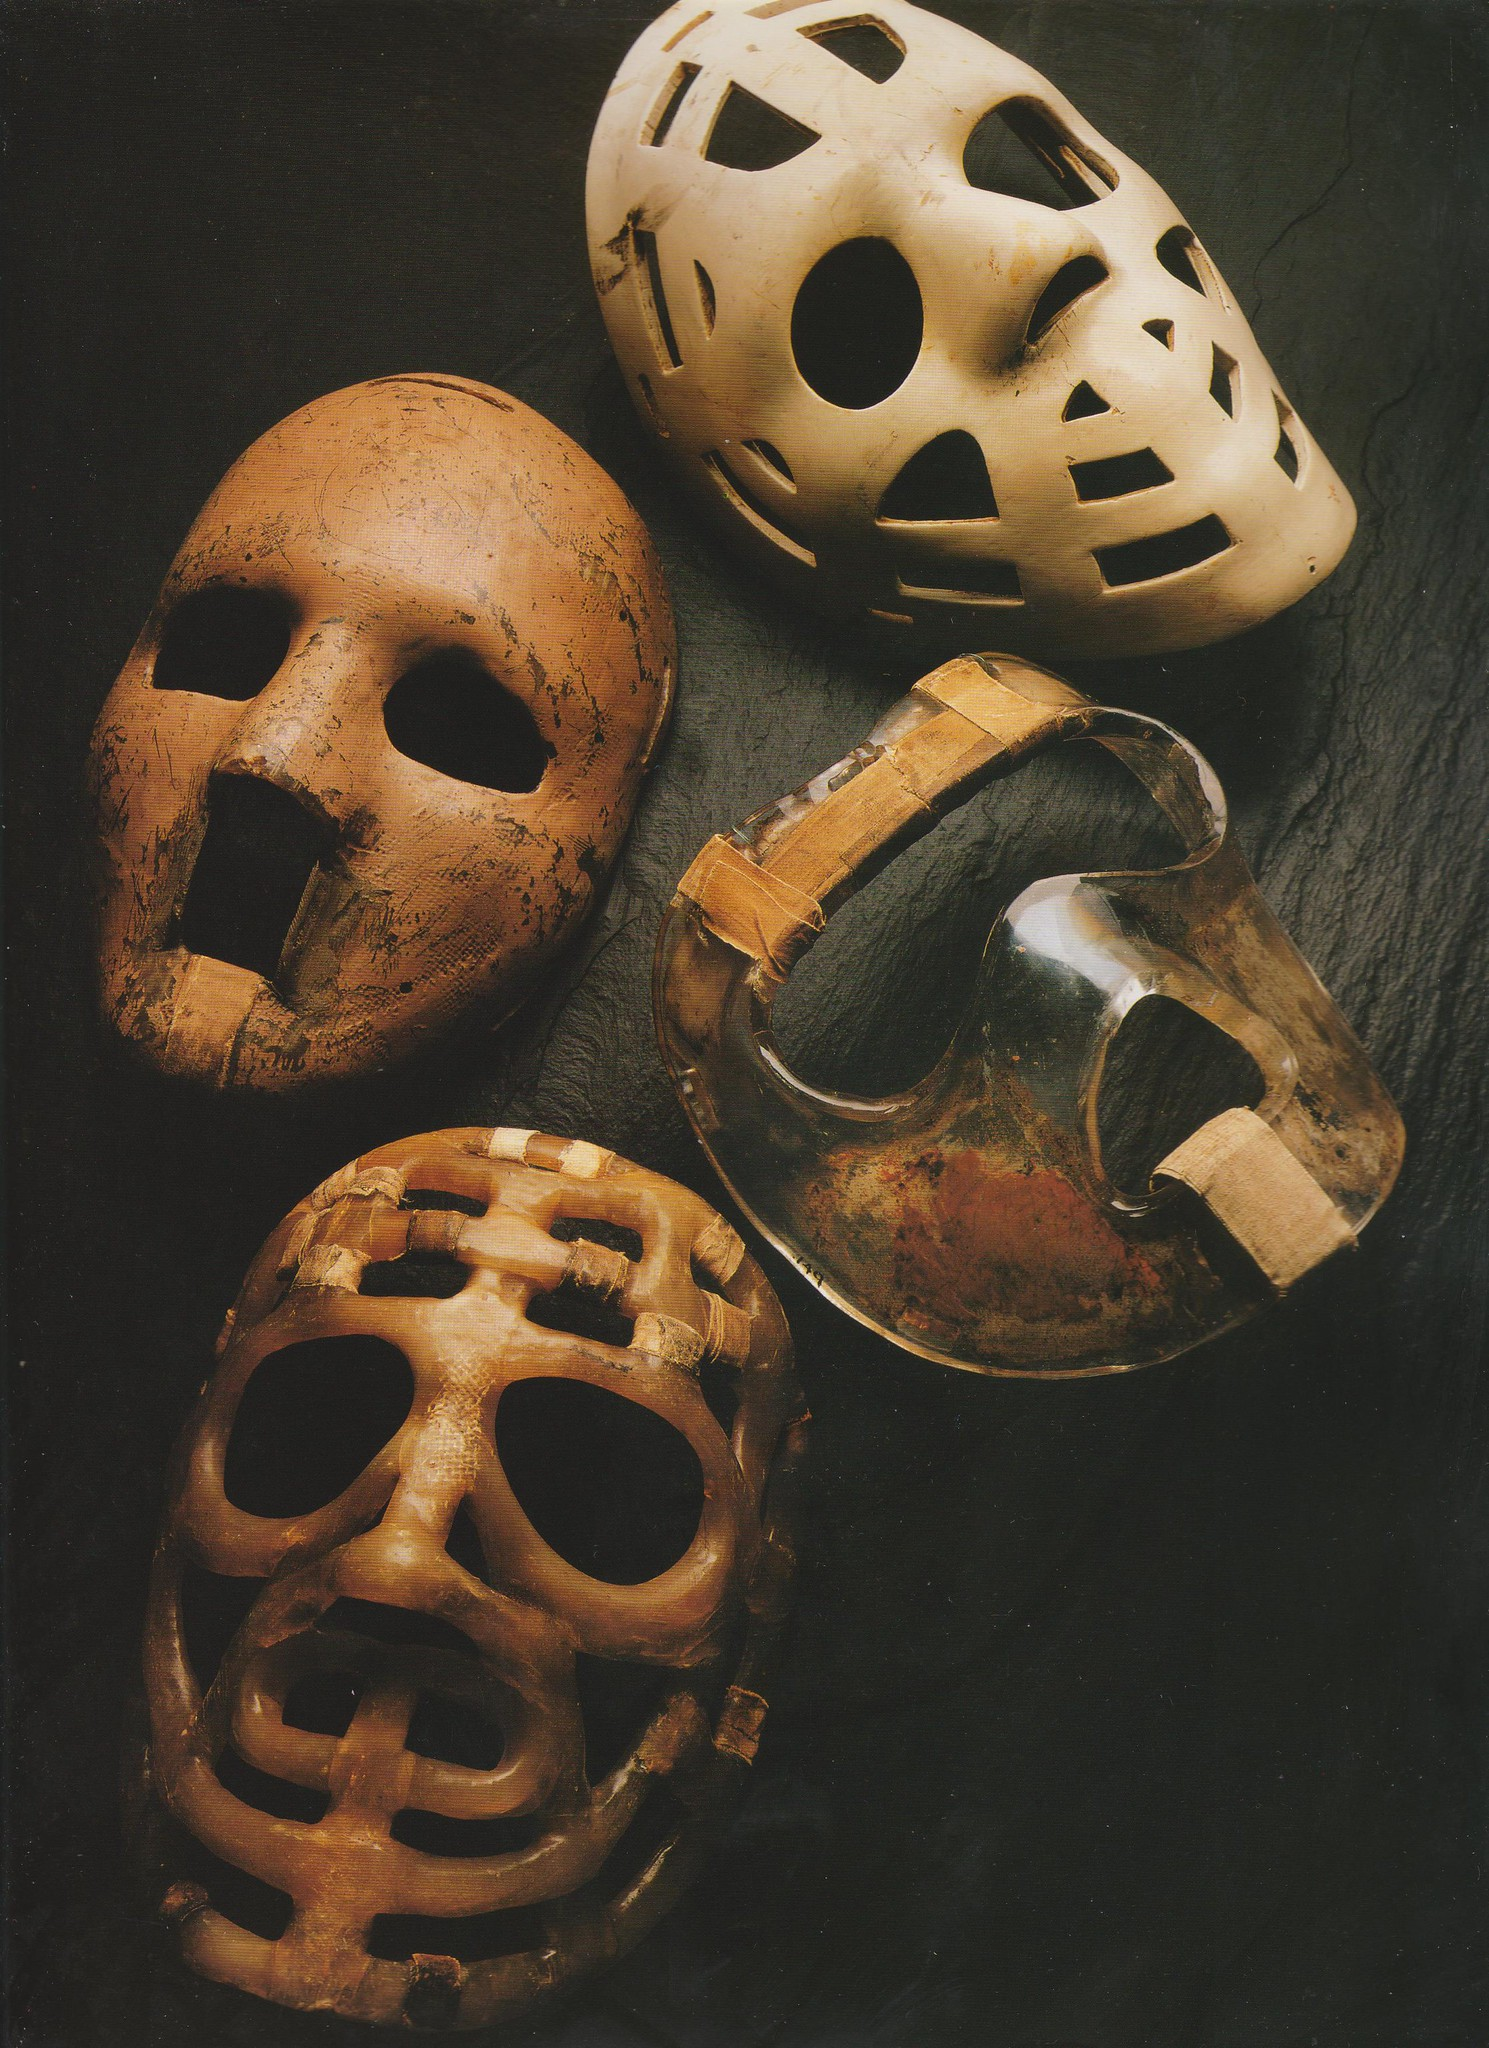 Masques de Jacques Plante